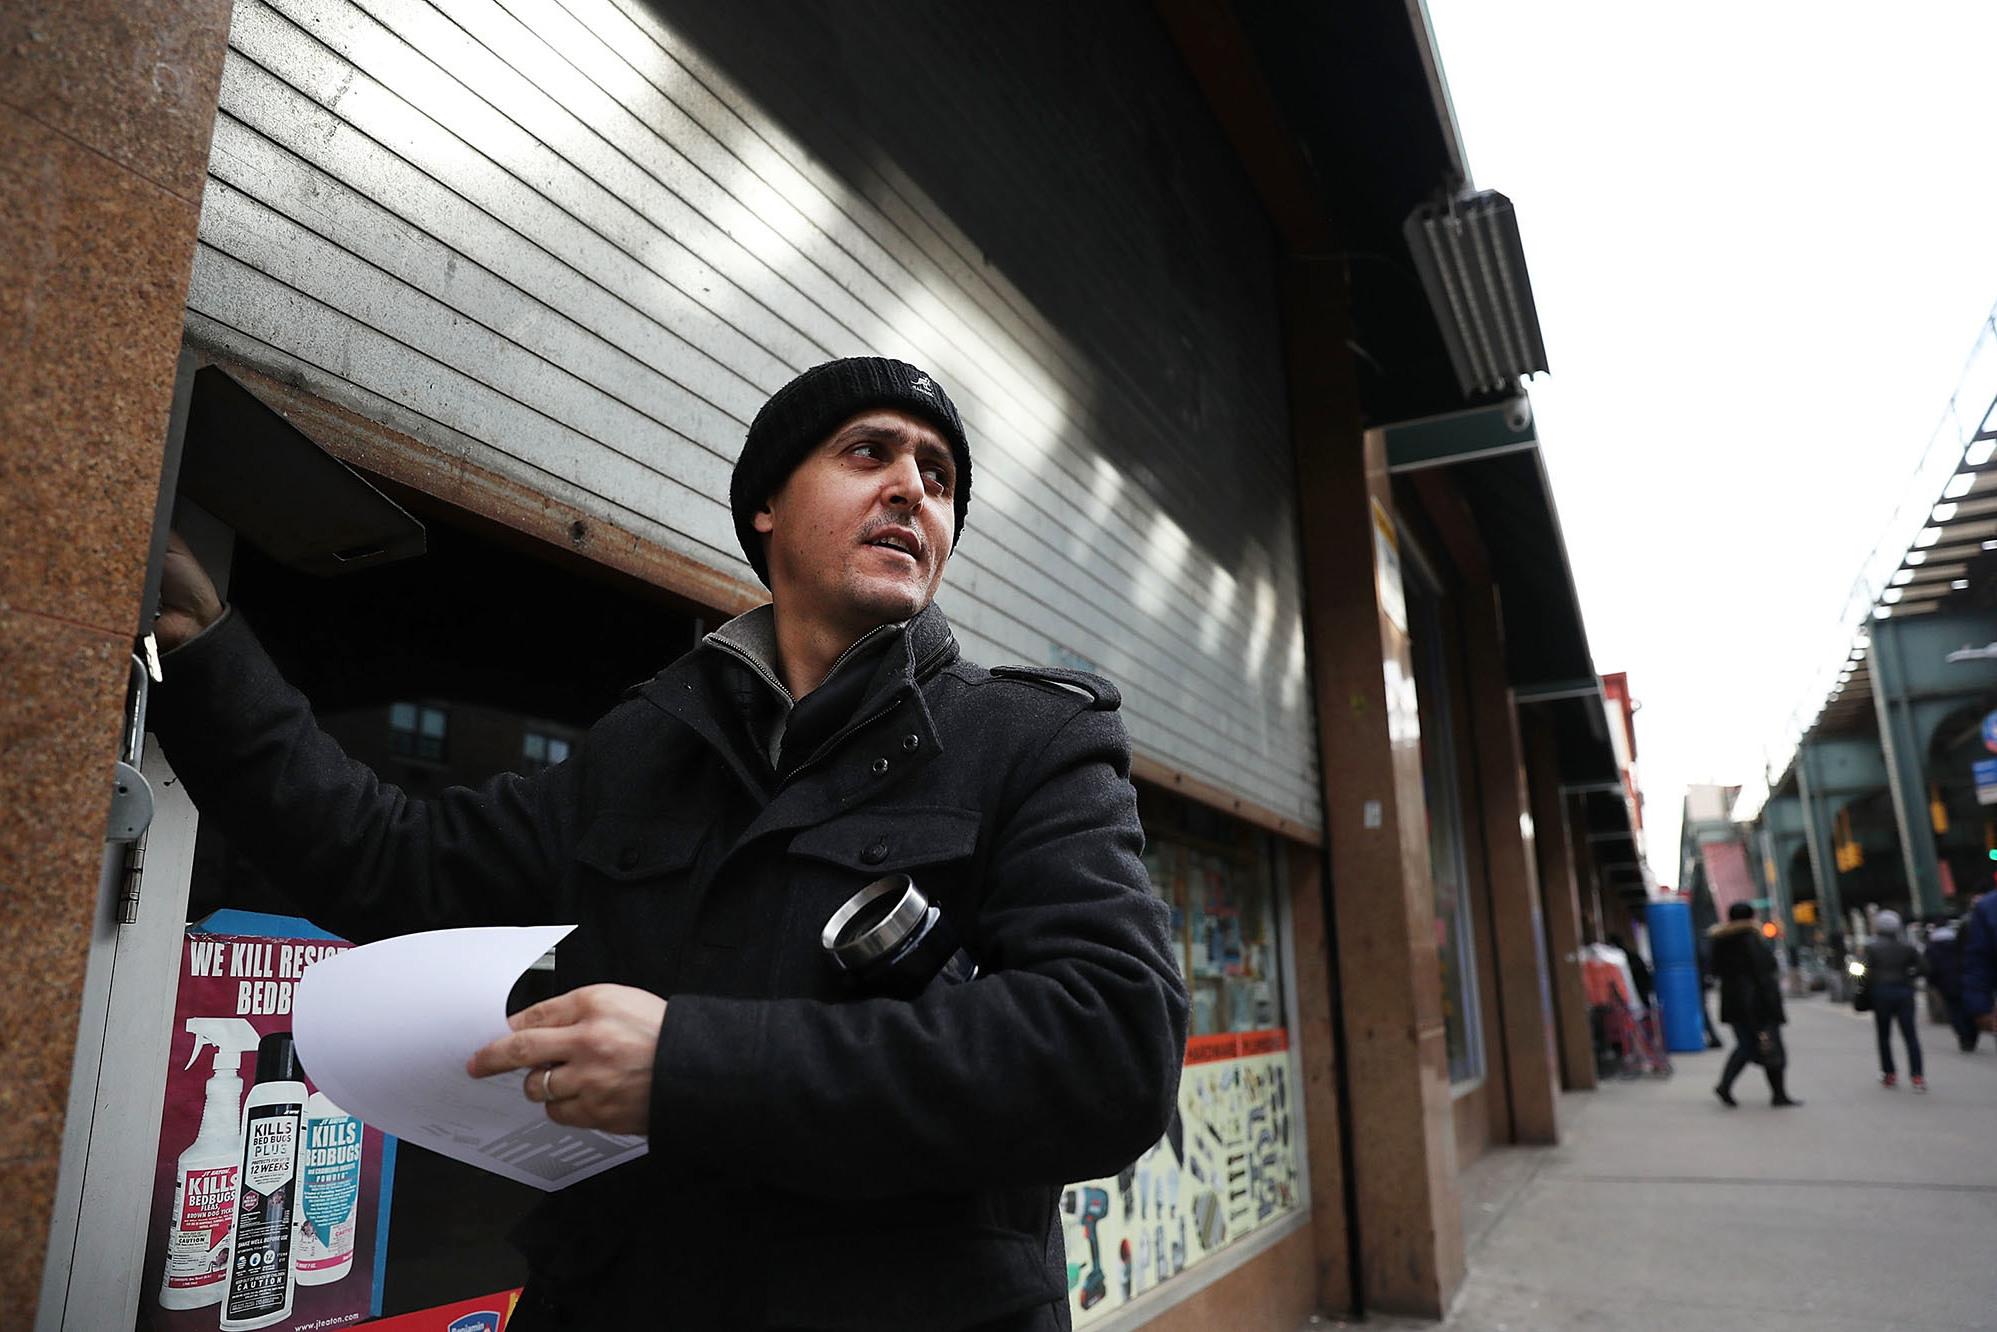 súlycsökkentő munkatársai New York-ban hiit zsírégető zóna